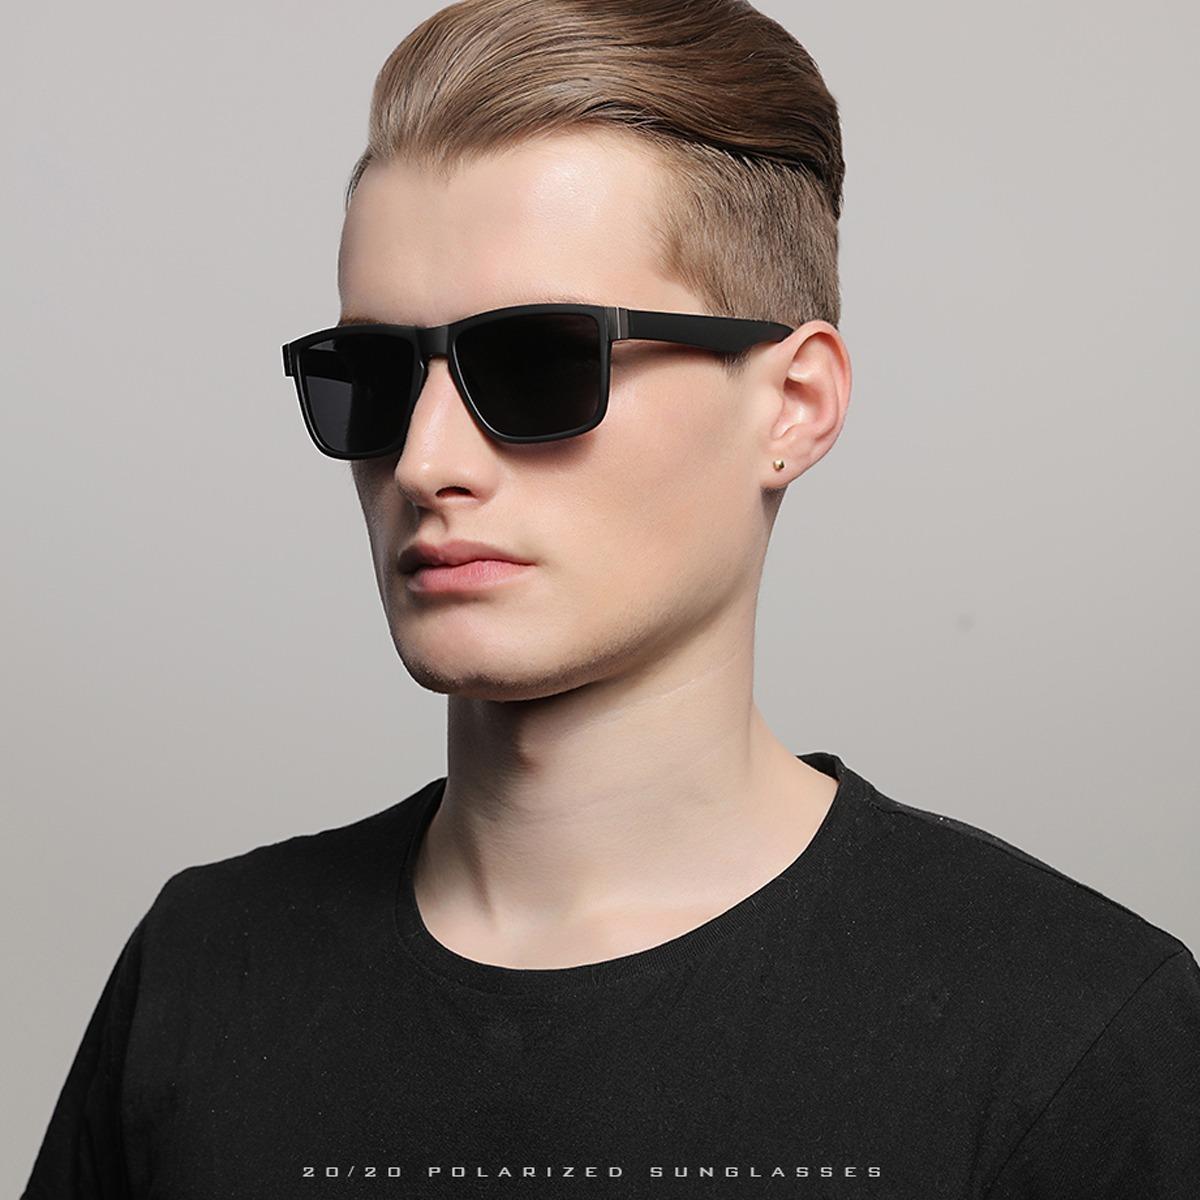 6c9570799 Oculos Grife Solar Feminino 20/20 Proteção Uv Original - R$ 48,83 em ...